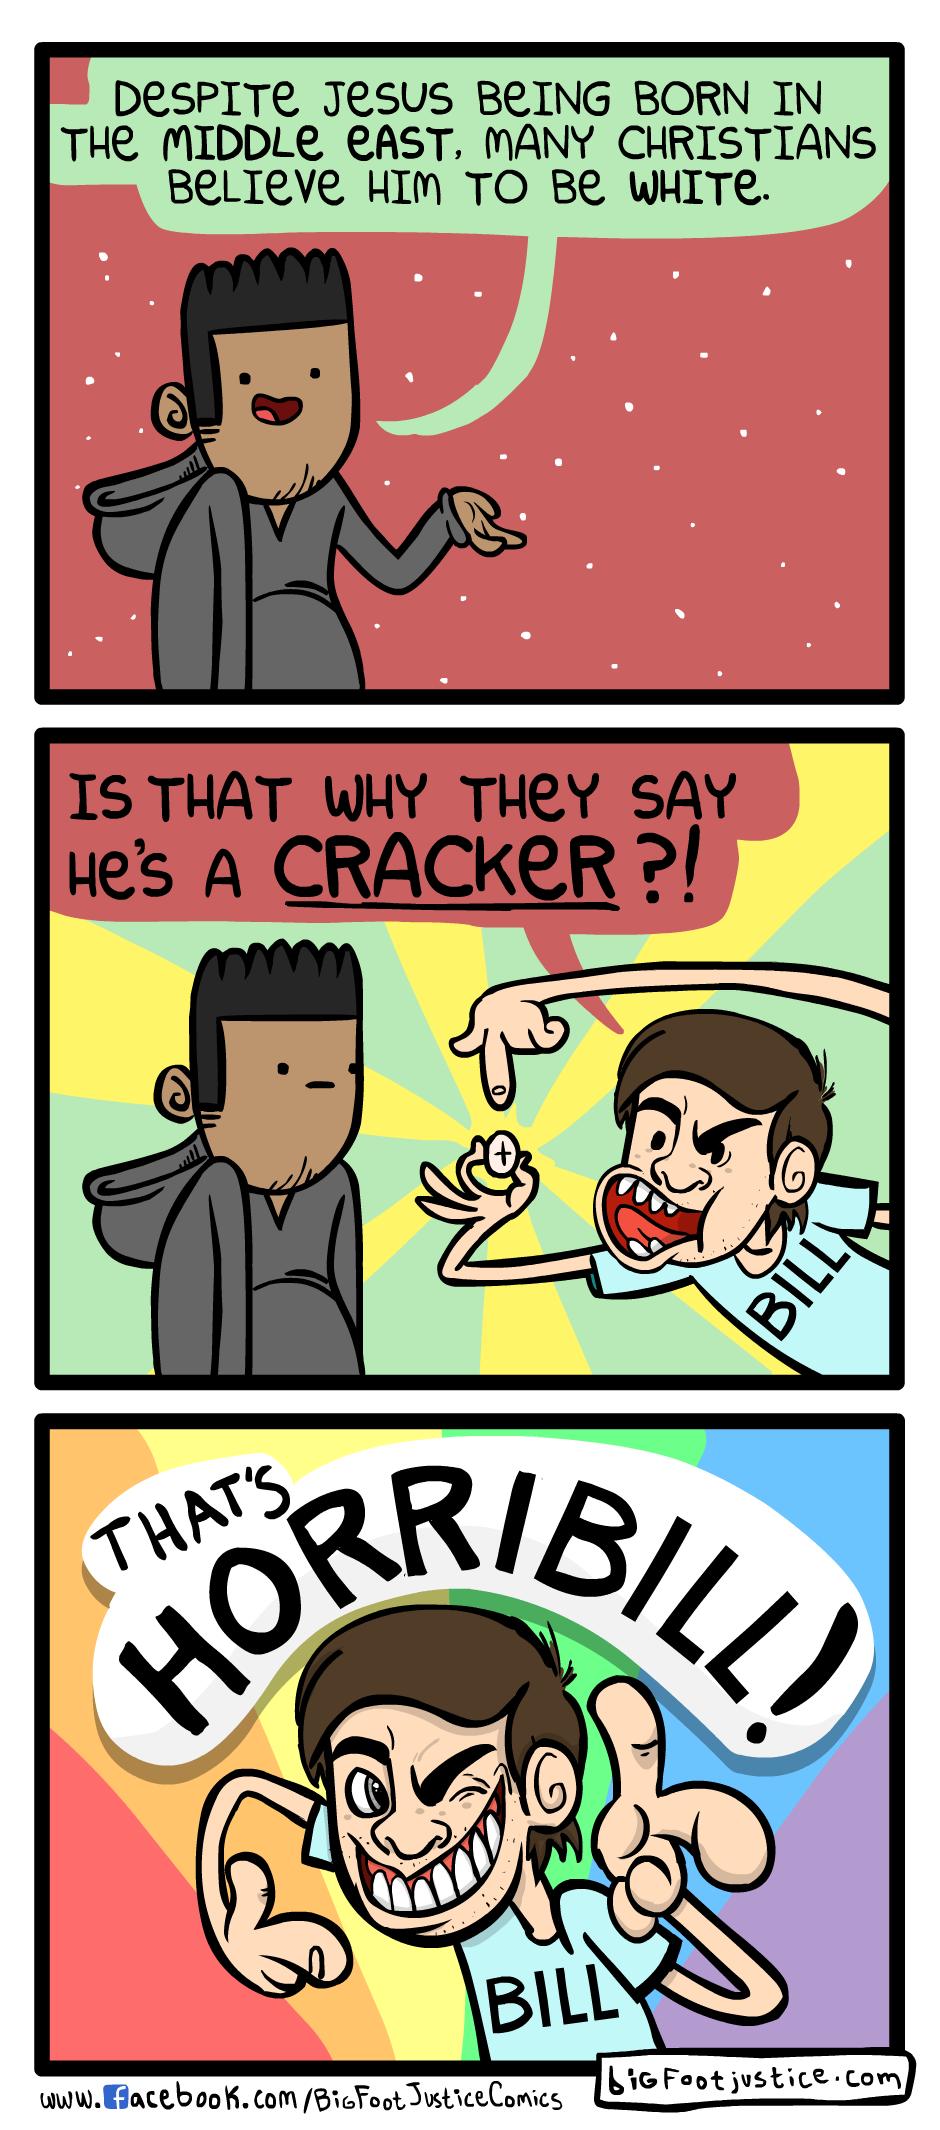 A Very Horribill Christmas